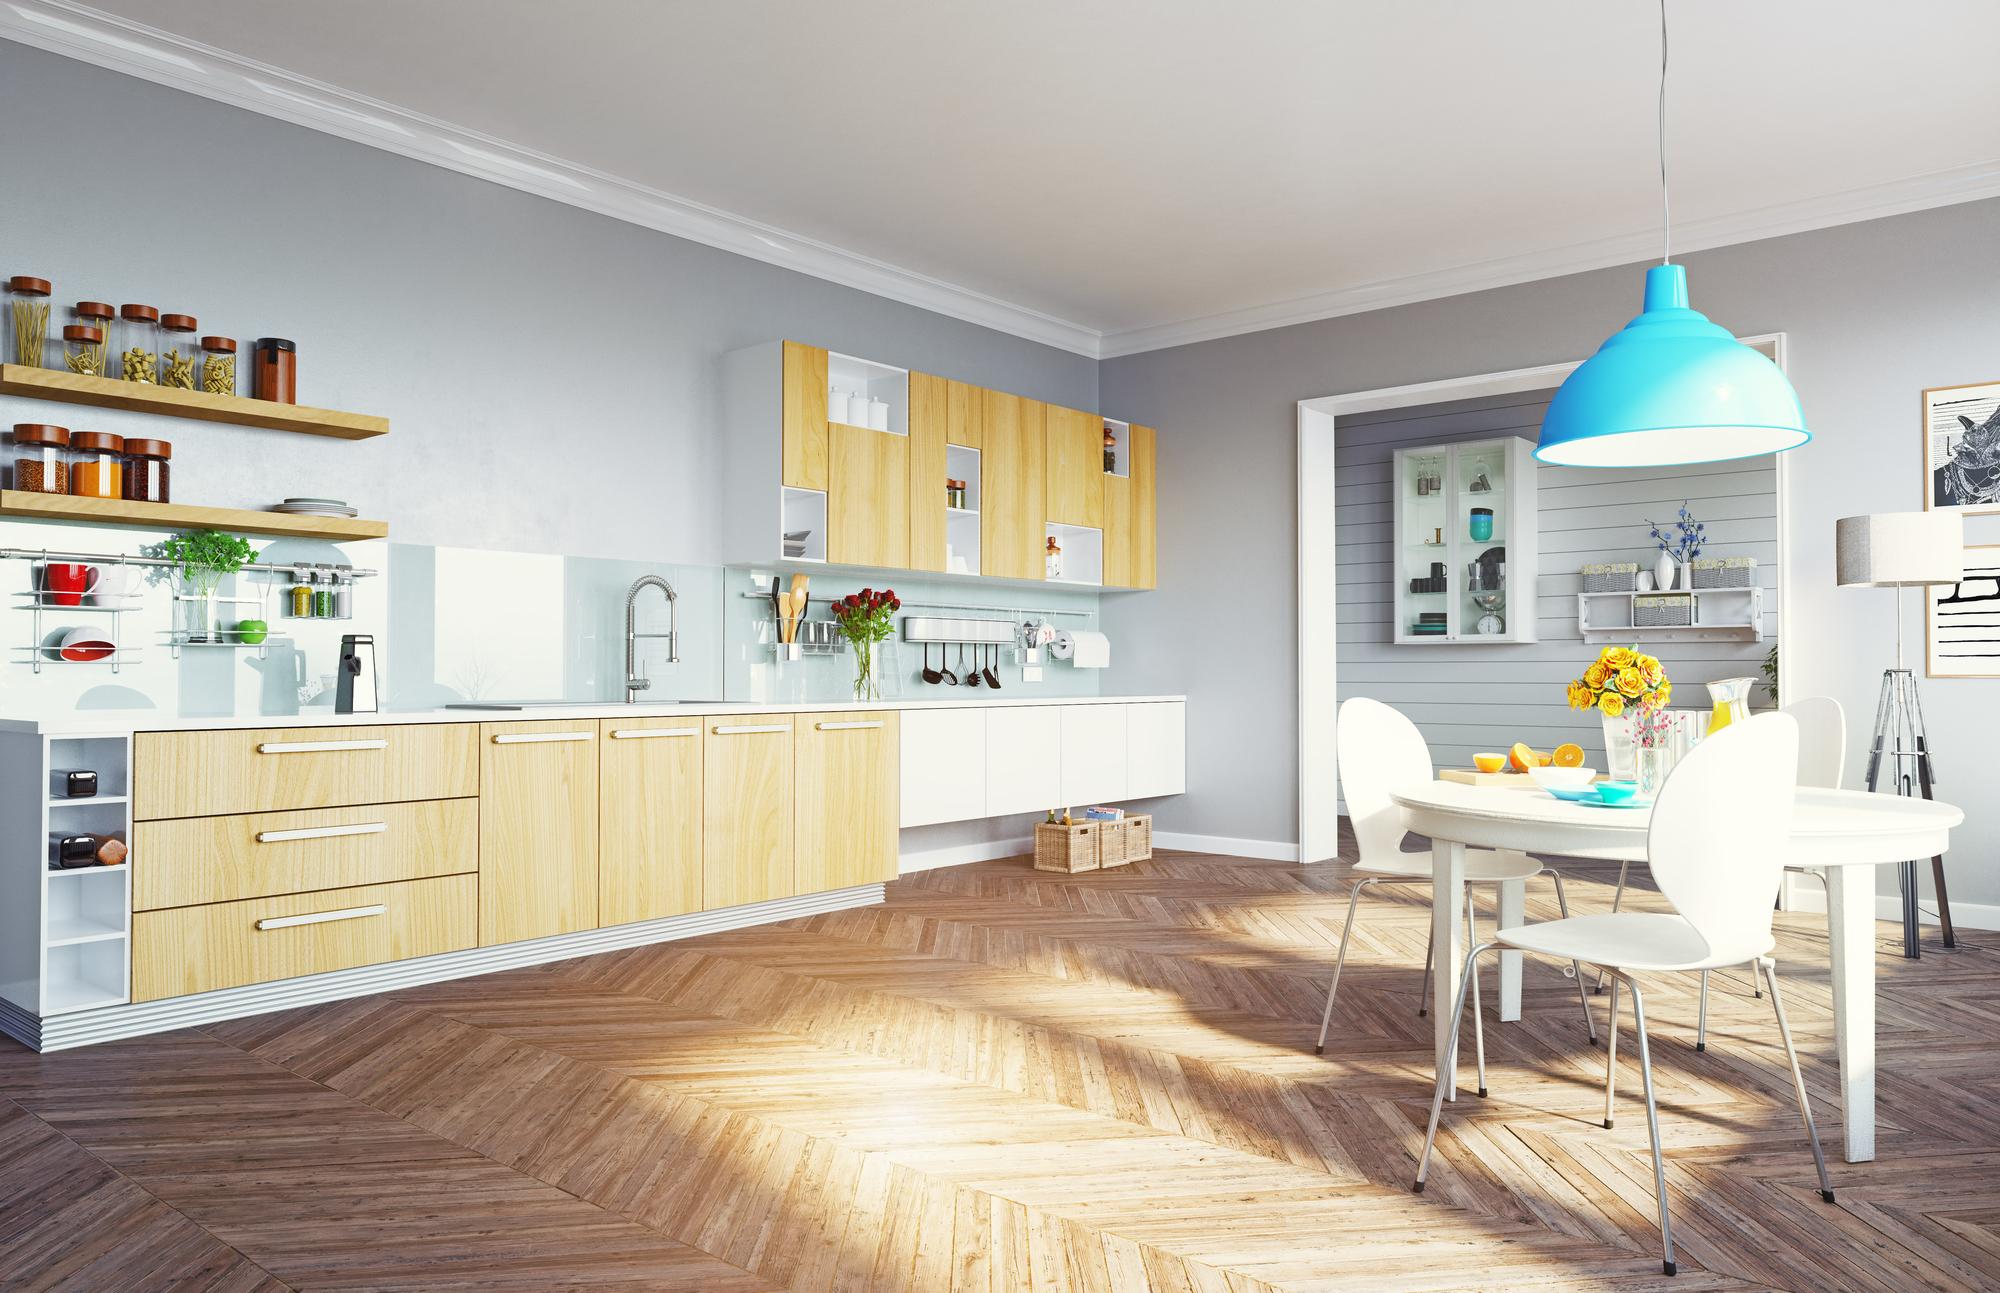 マンション リフォーム | キッチンの収納とレイアウト